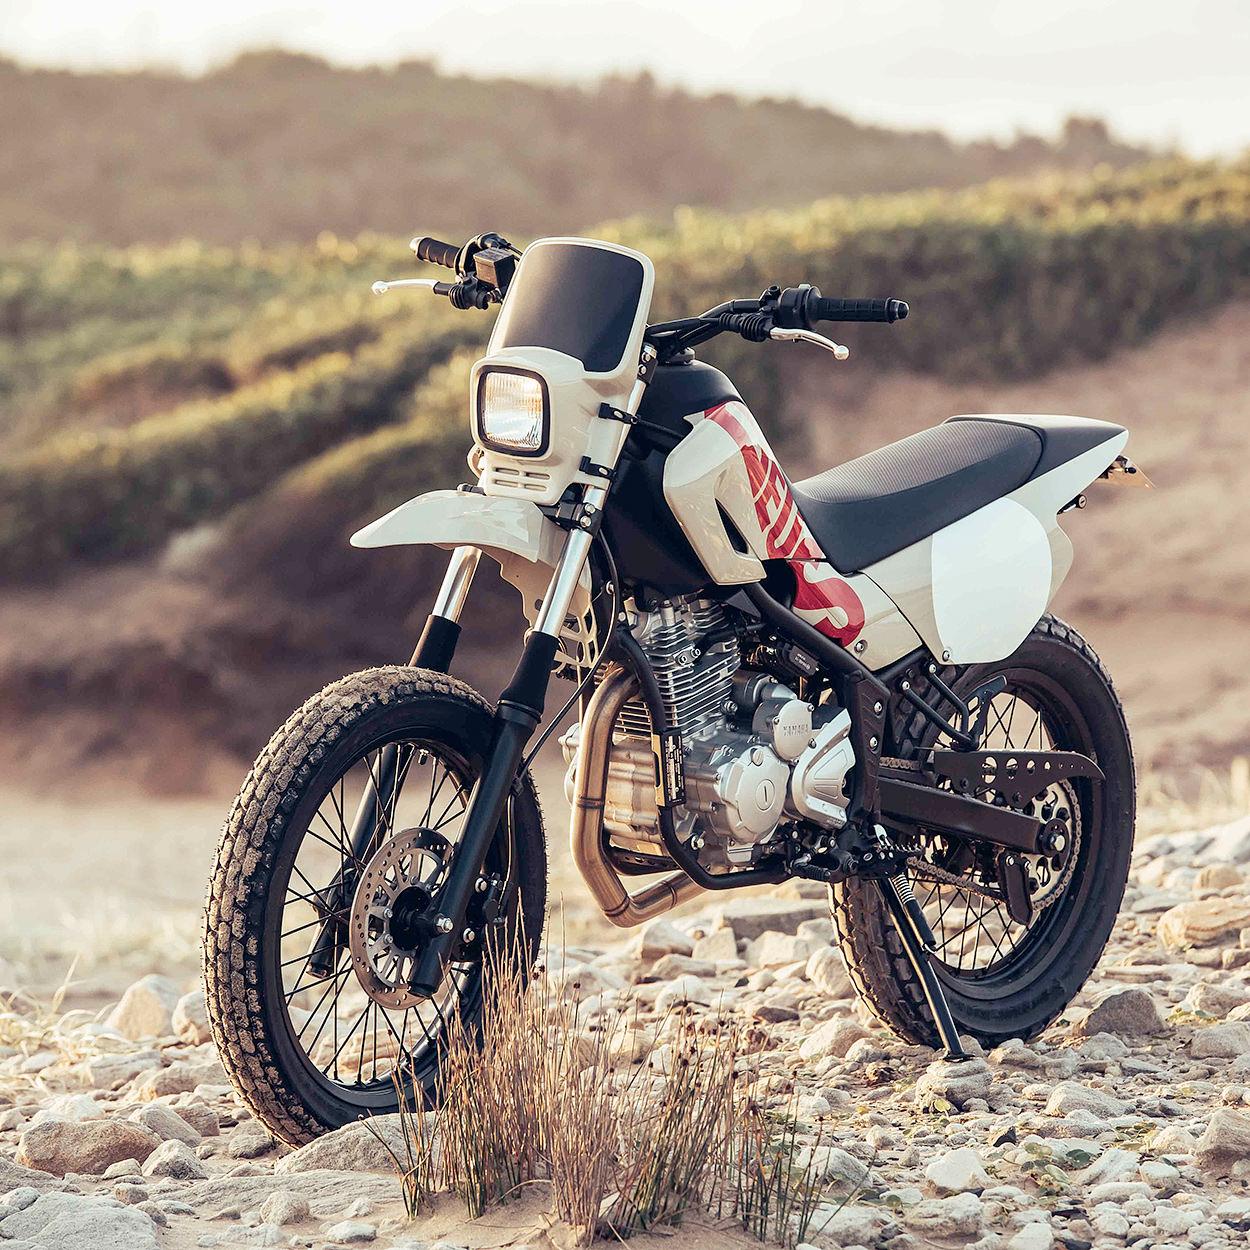 Yamaha XT250 by Deus ex Machina